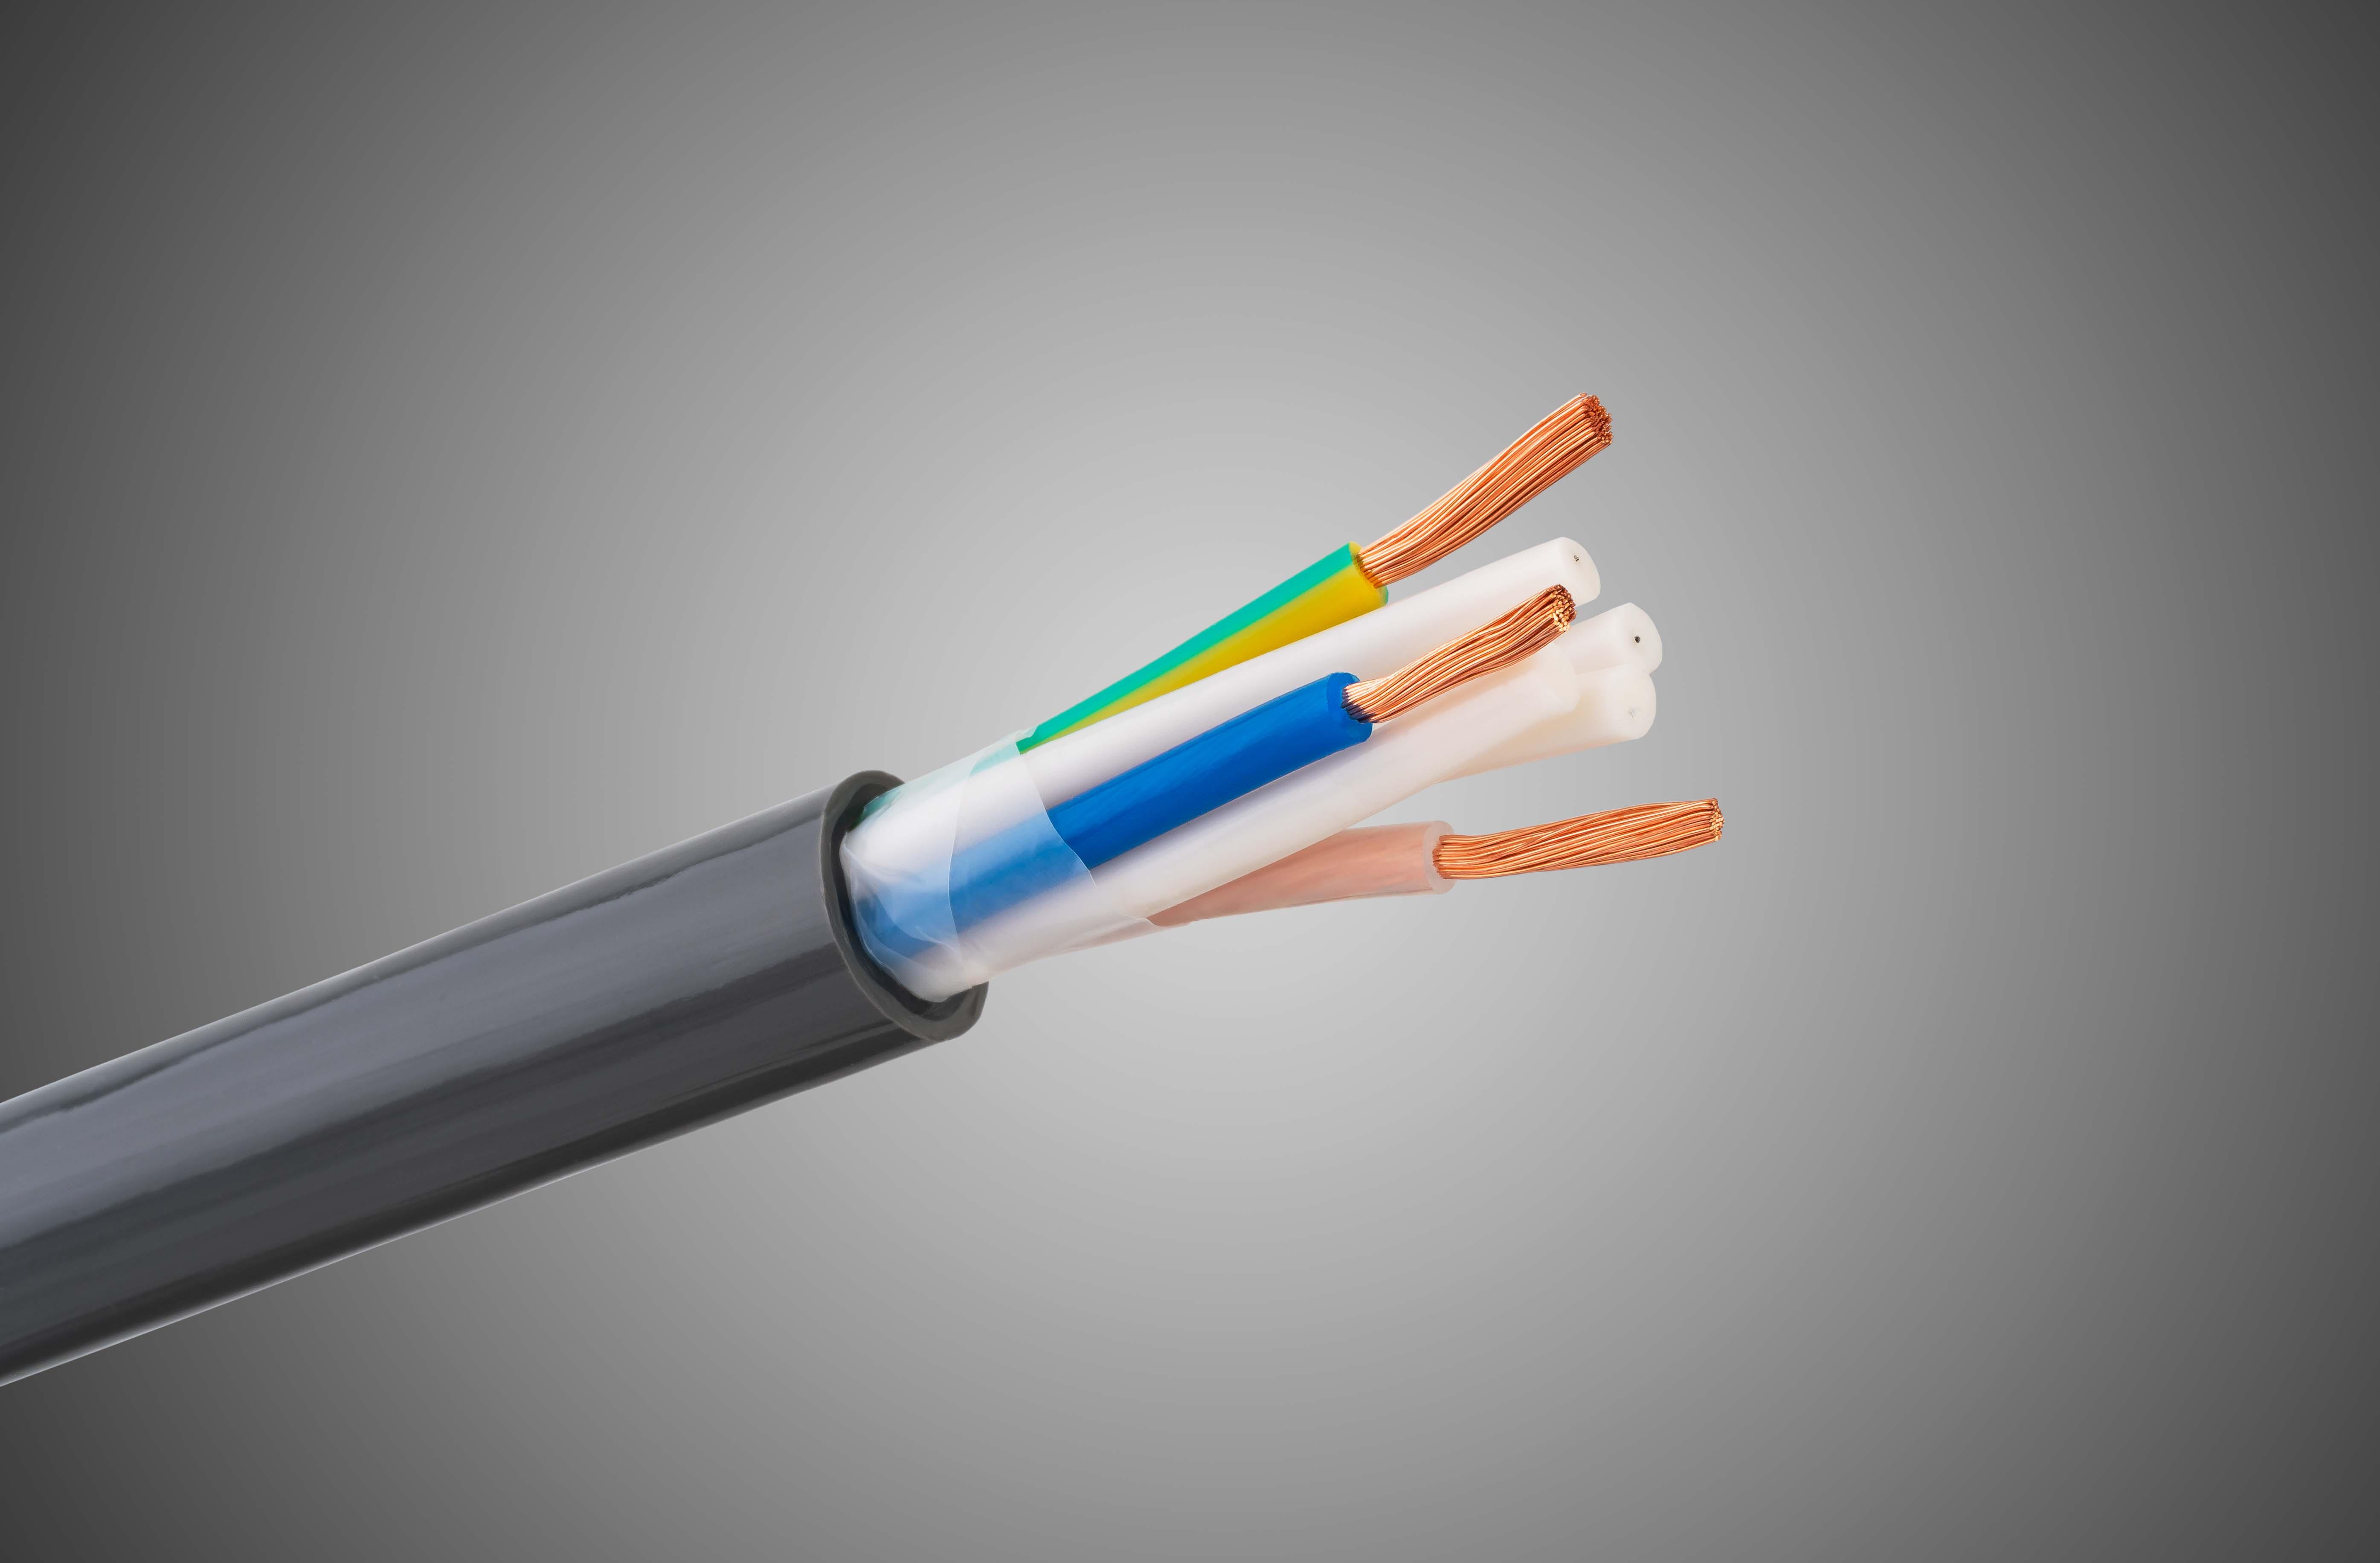 еще картинки силового кабеля него